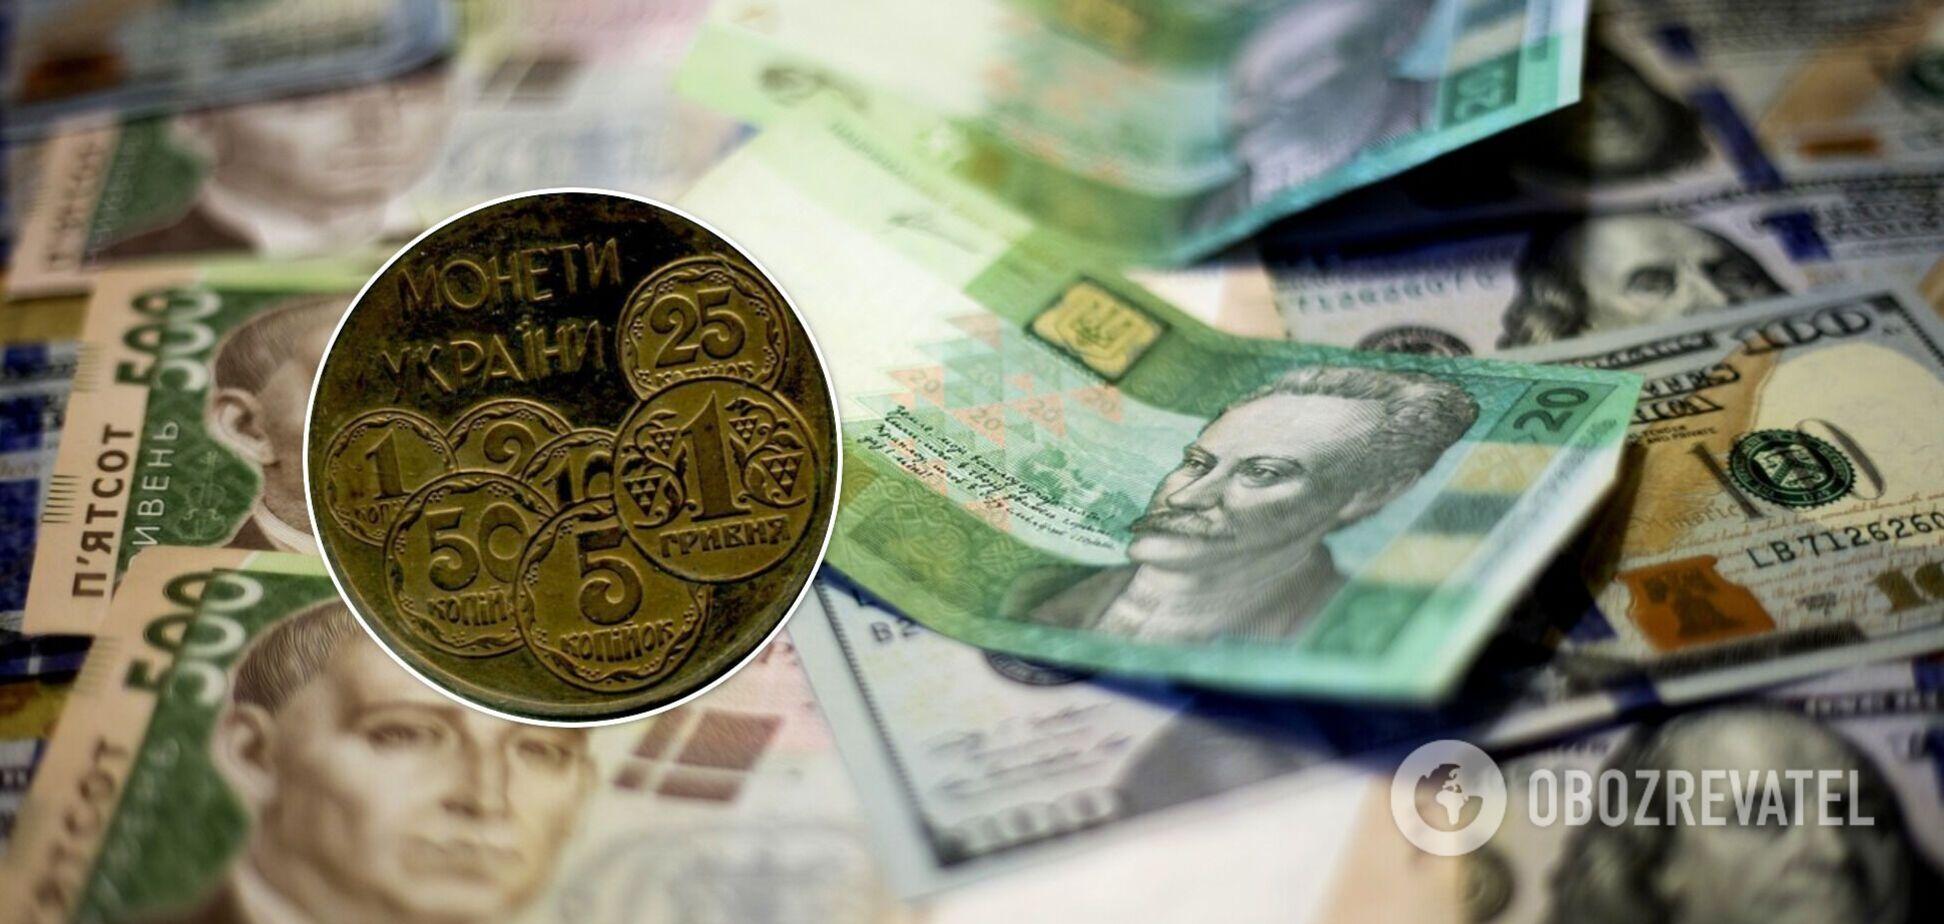 Як виглядає рідкісна монета